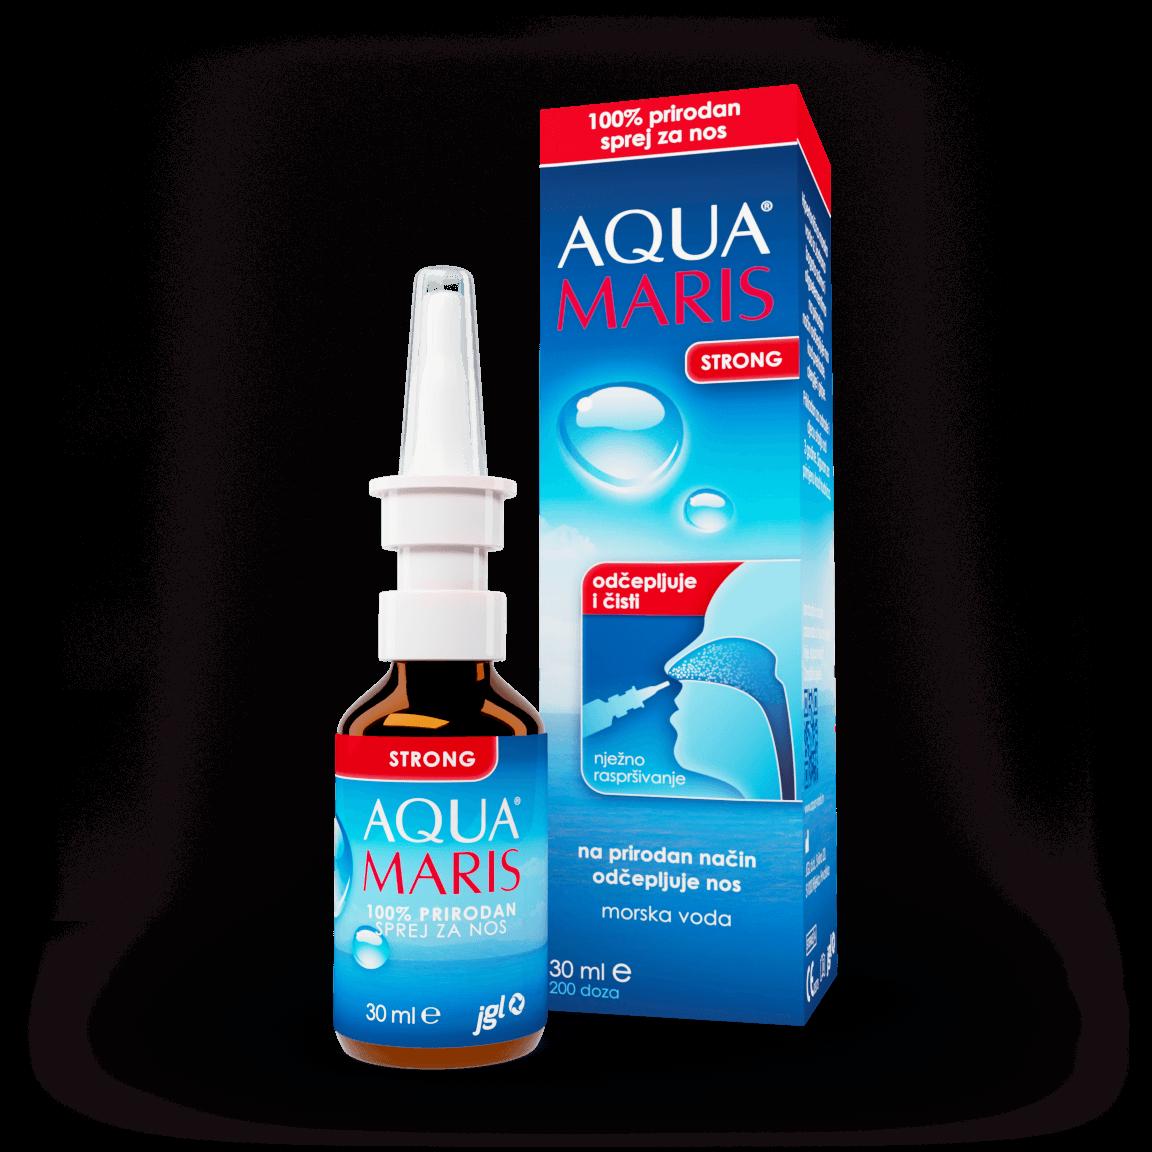 Aqua Maris Strong